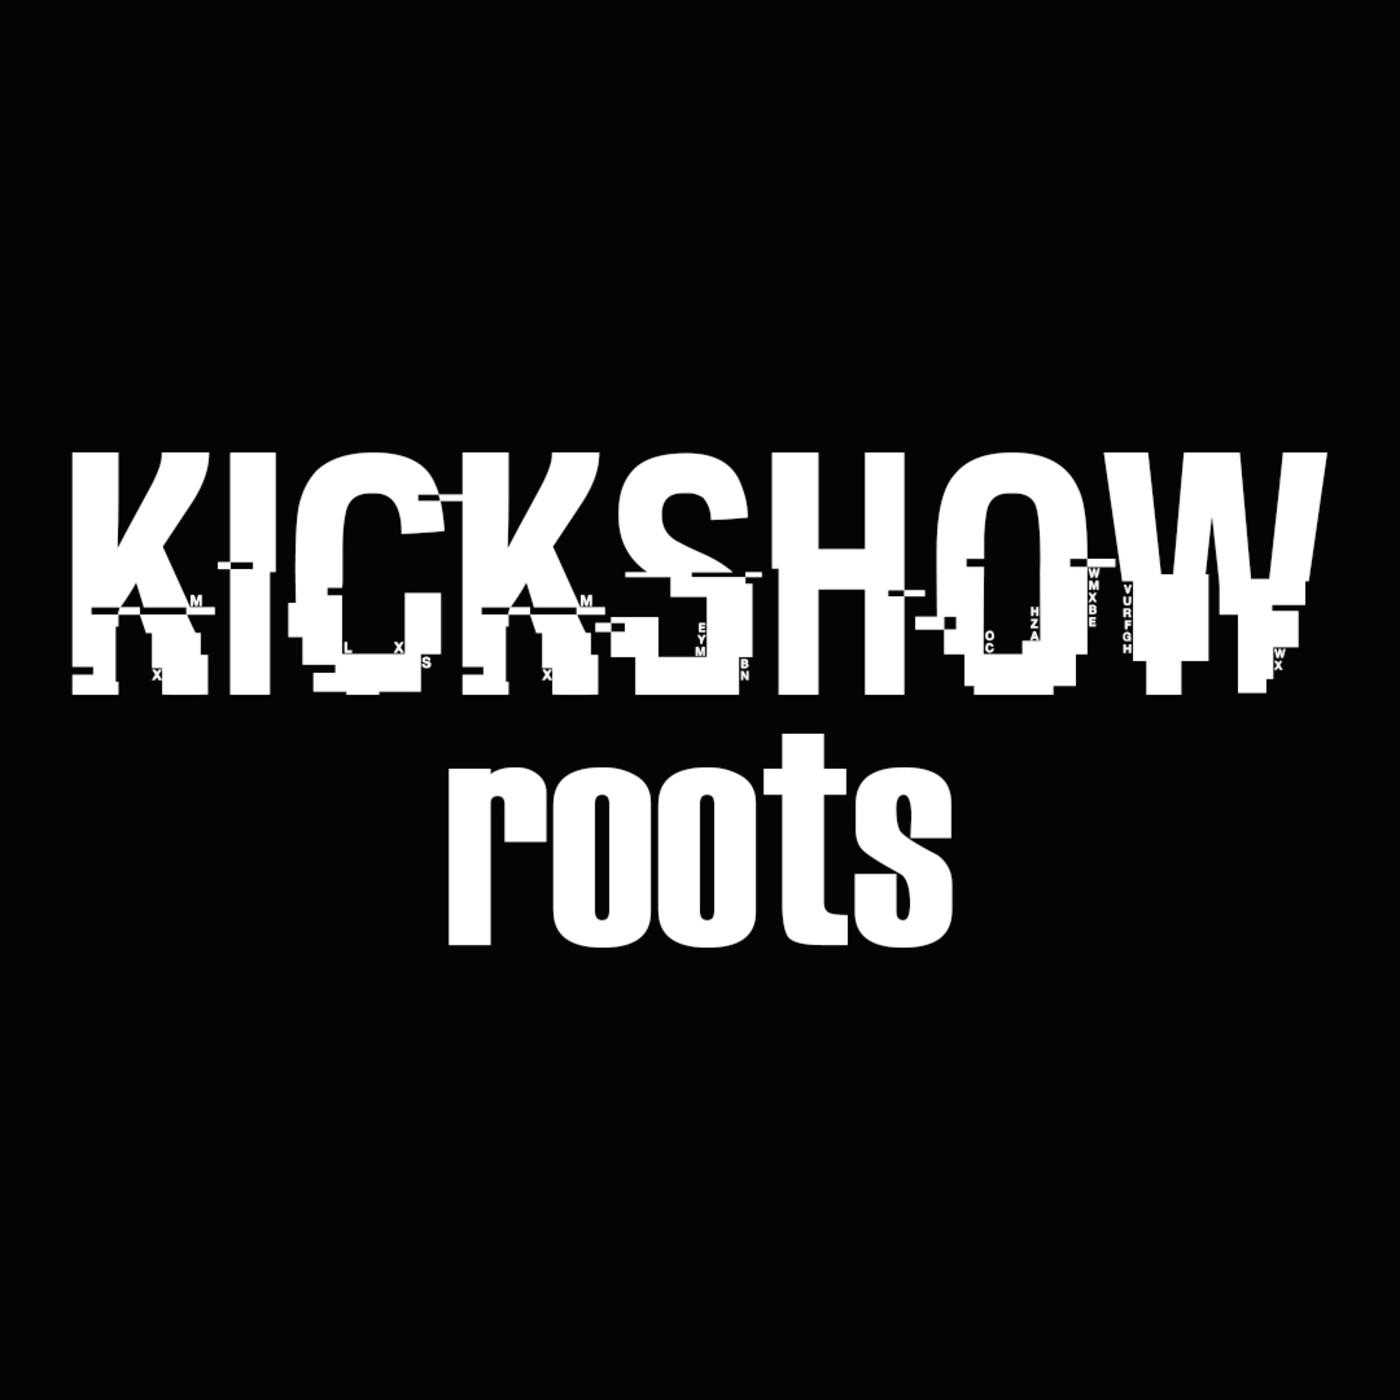 KICKSHOW ROOTS